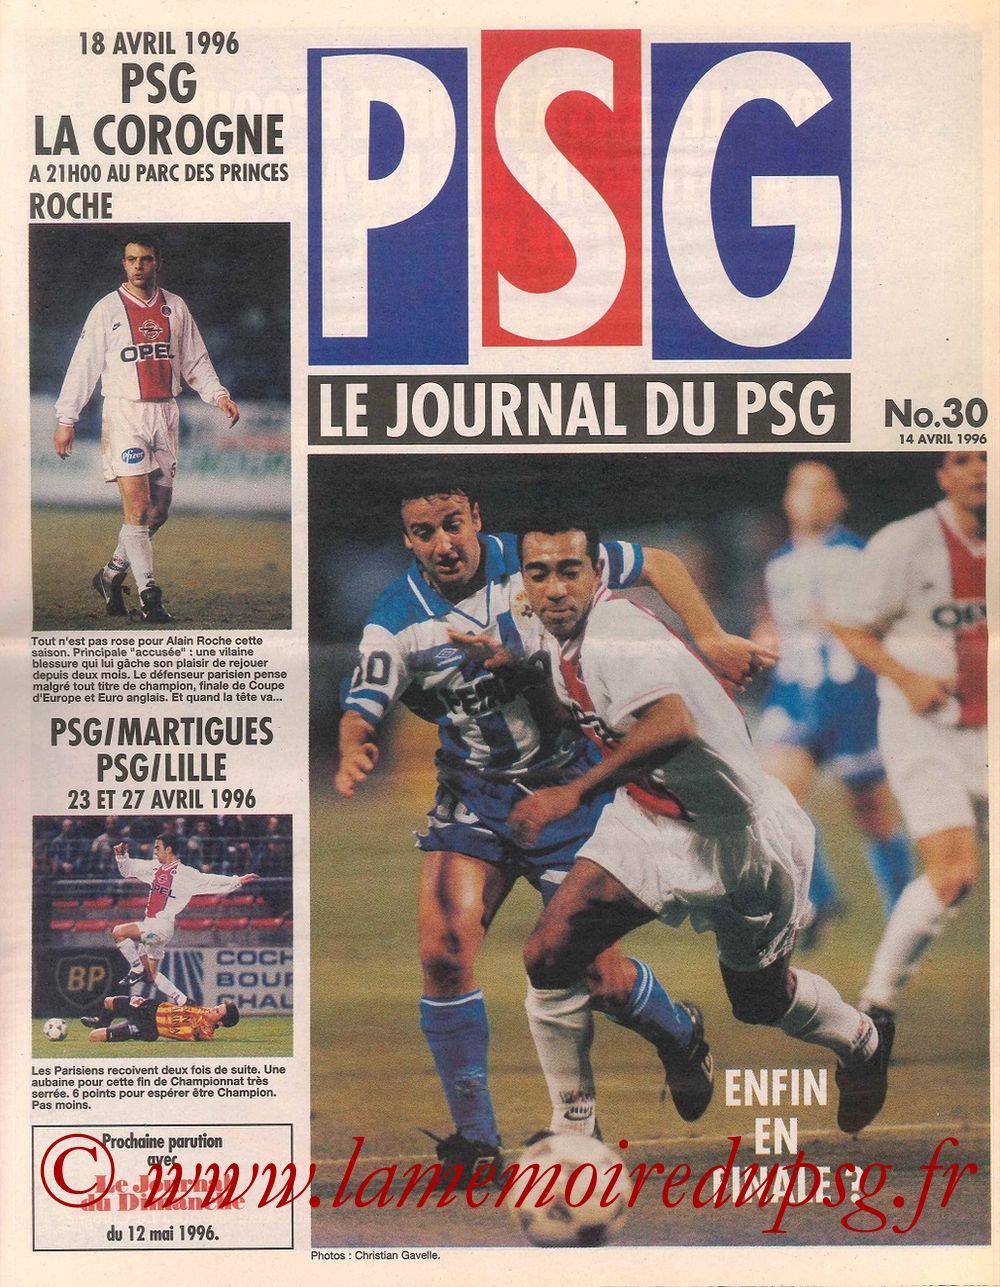 1996-04-27  PSG-Lille (36ème D1, Le Journal du PSG N°30)